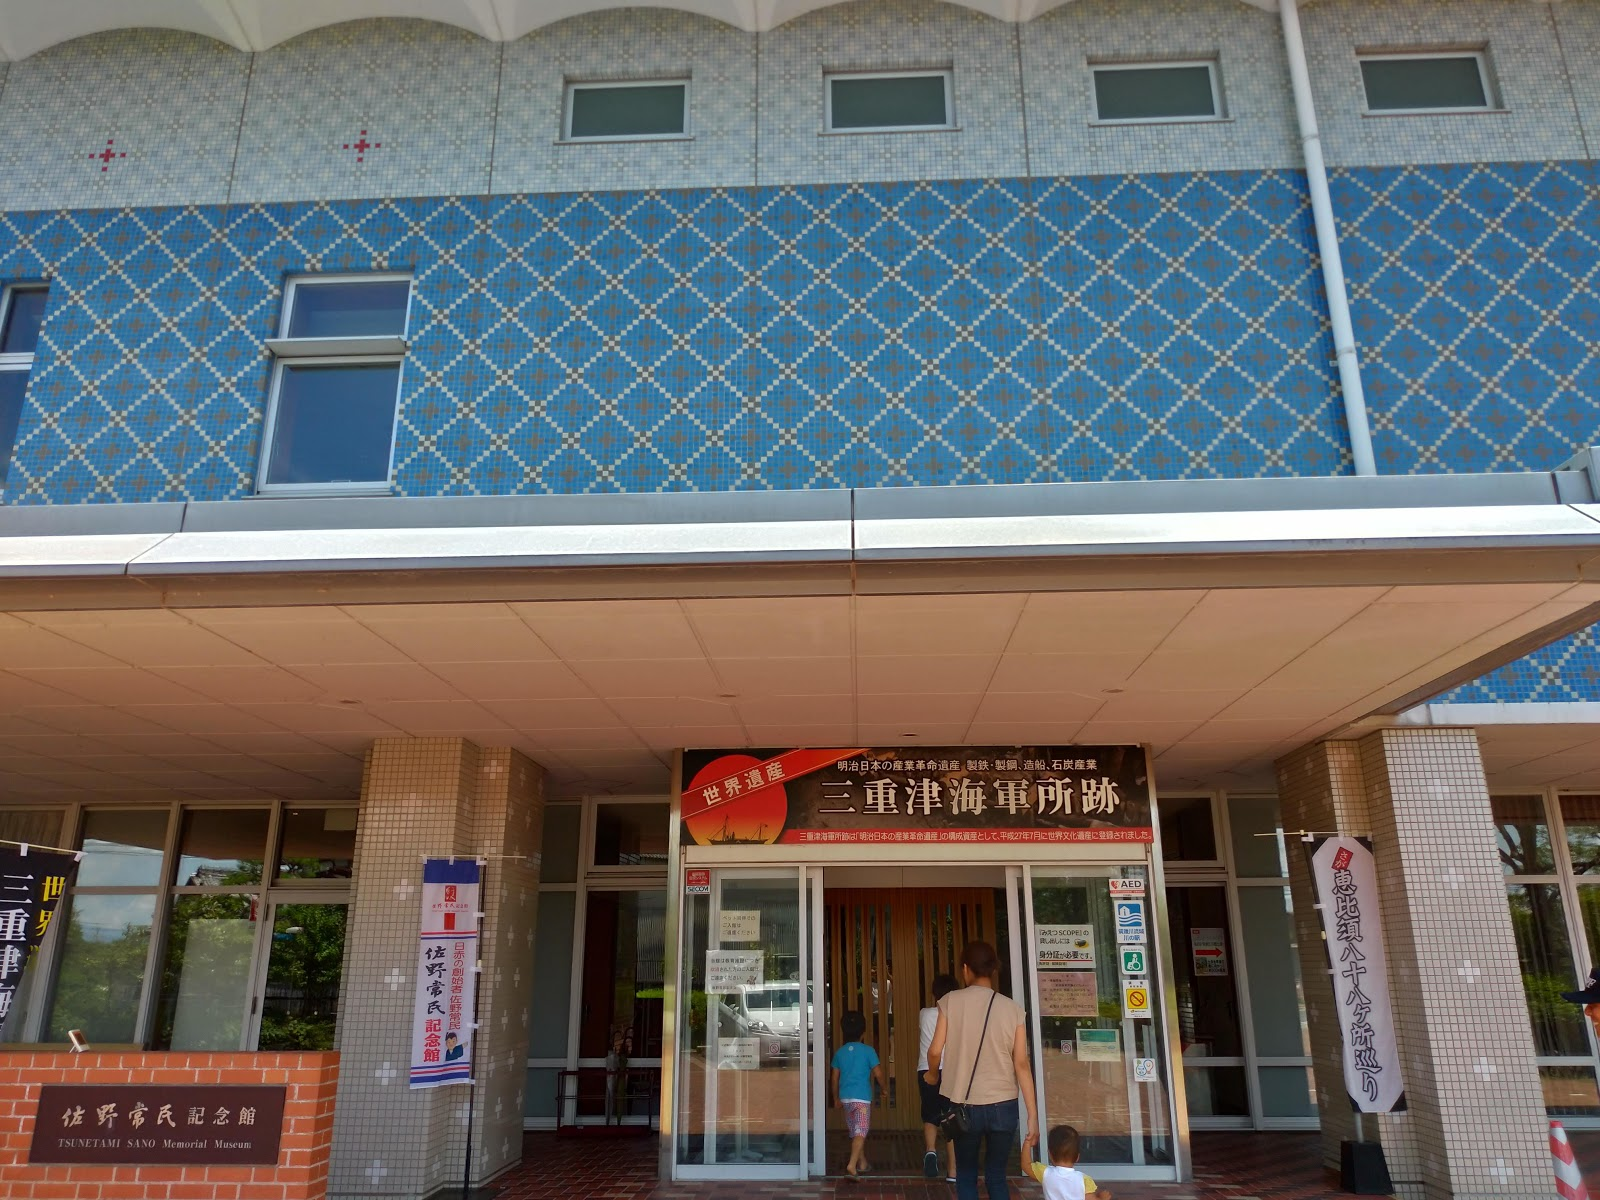 三重津海軍所跡と佐野常民記念館